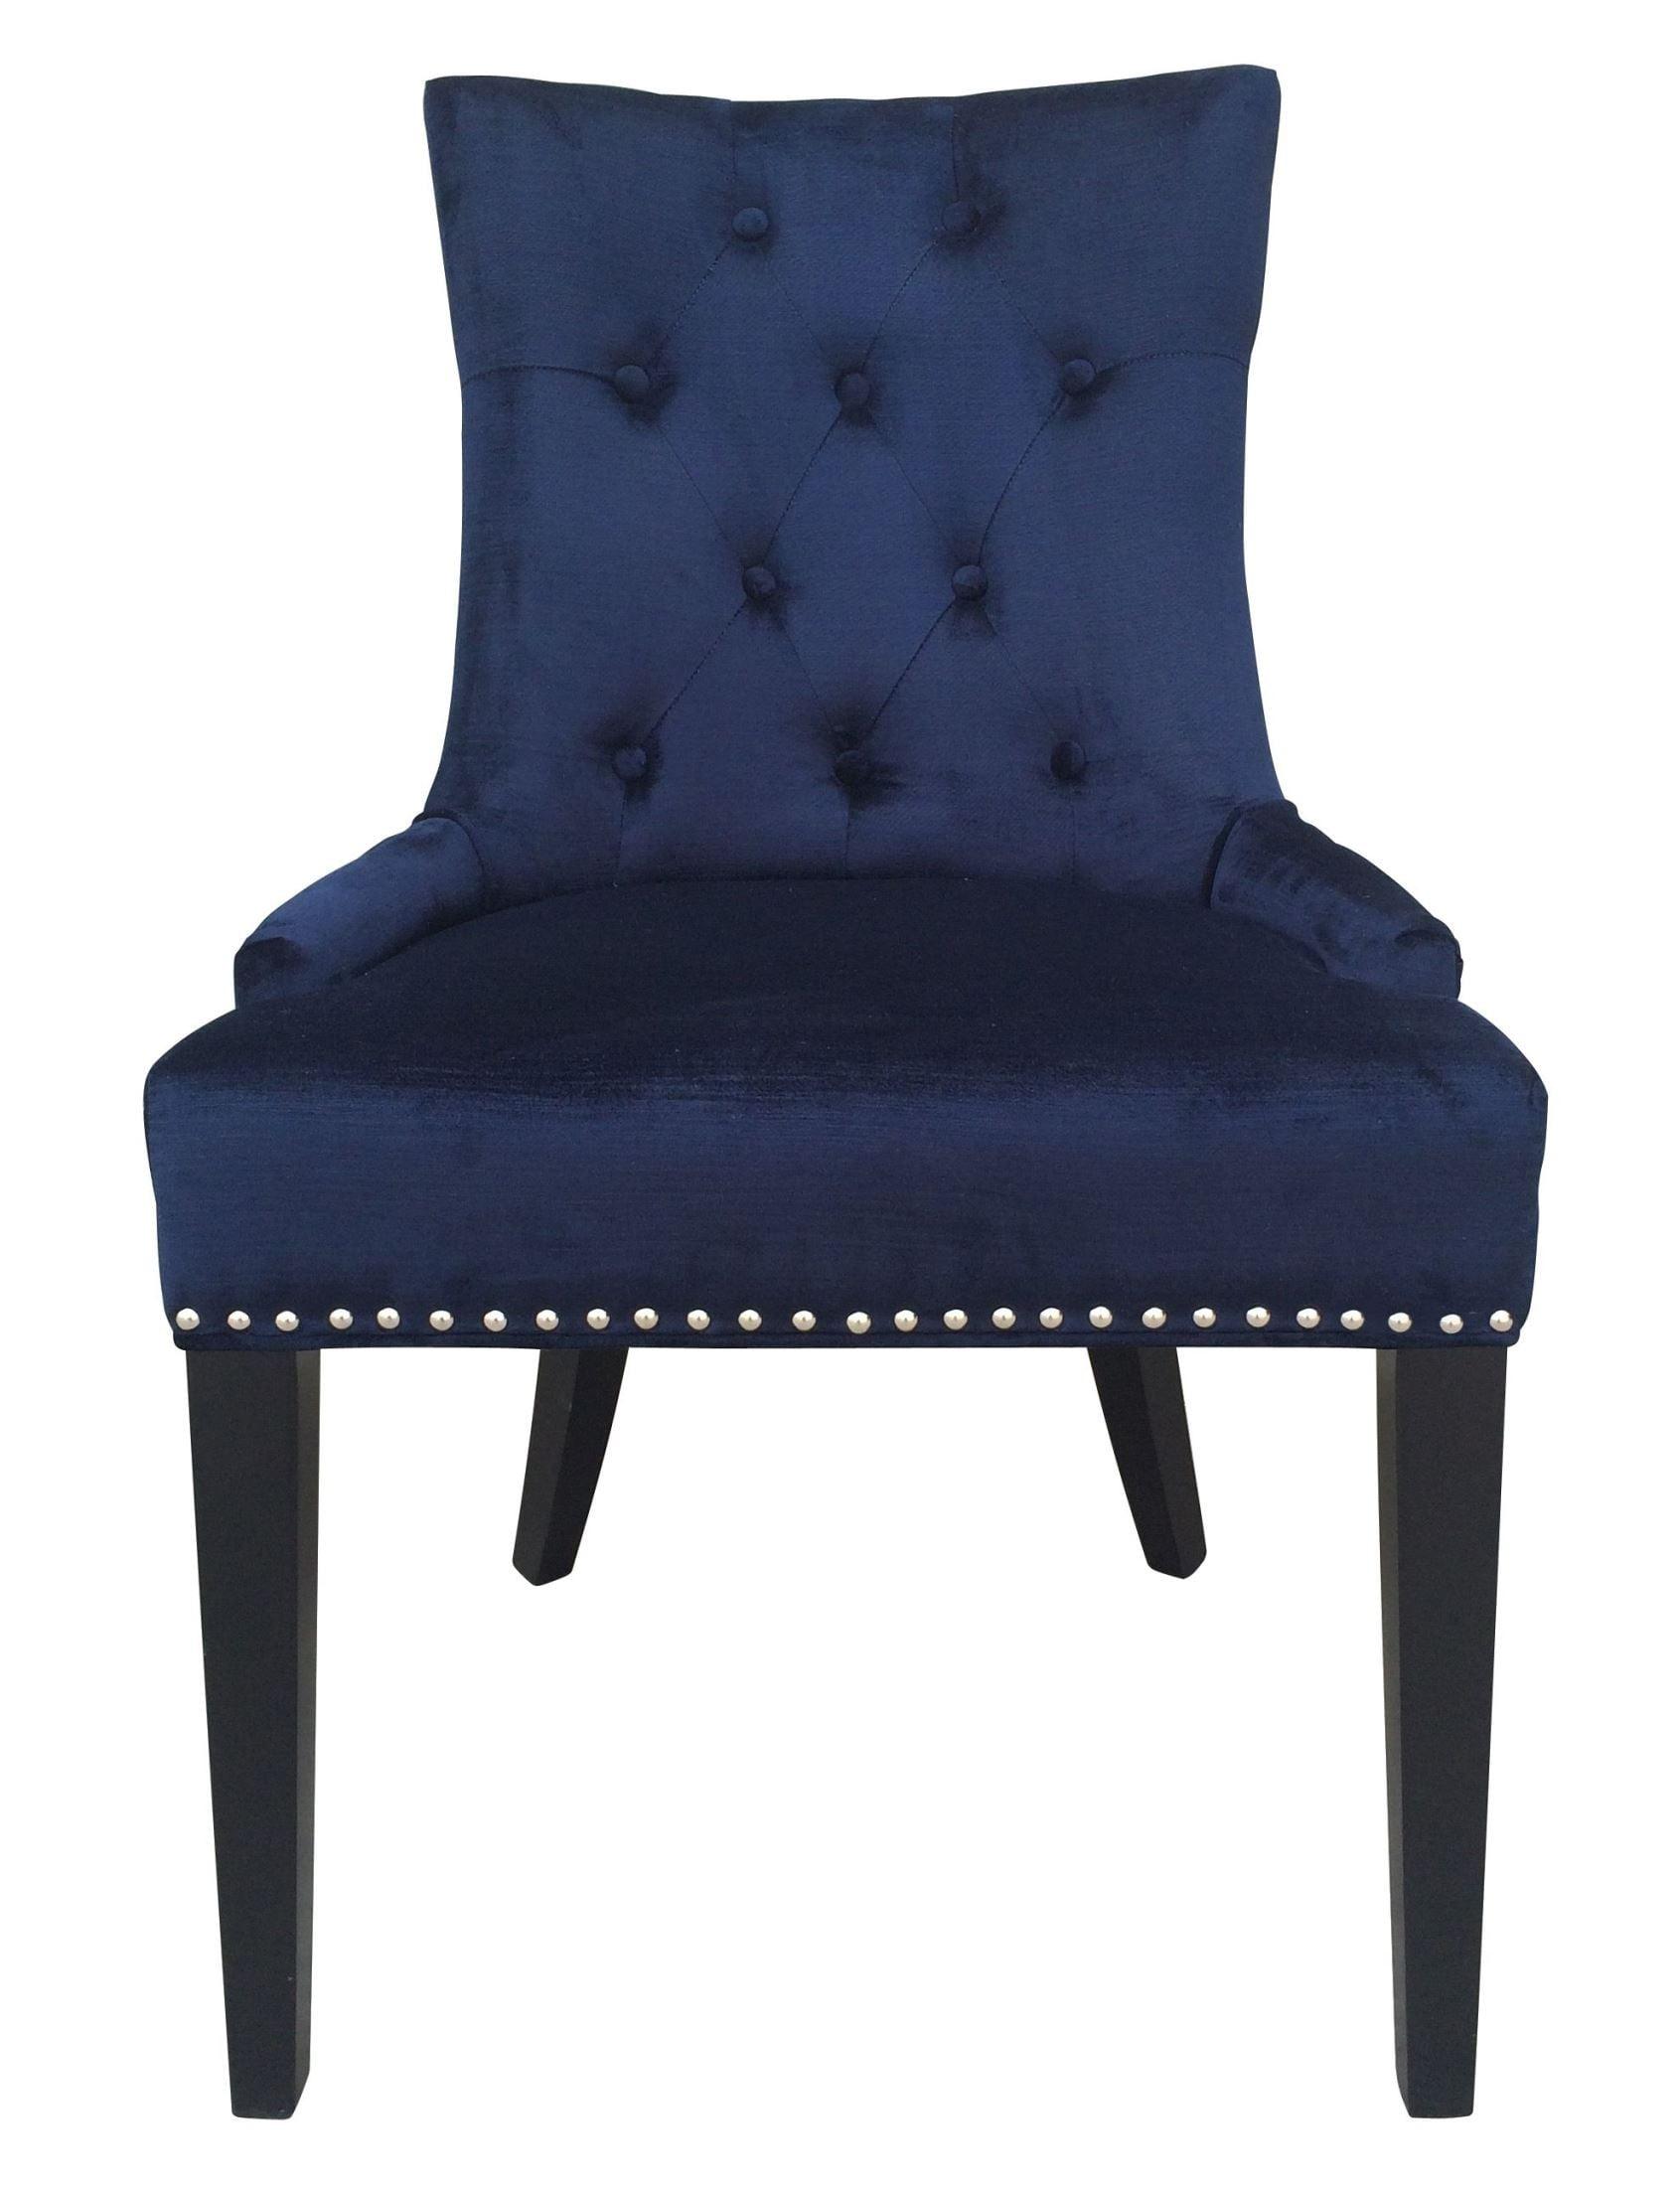 Uptown Navy Velvet Dining Chair Set of 2 from TOV D30